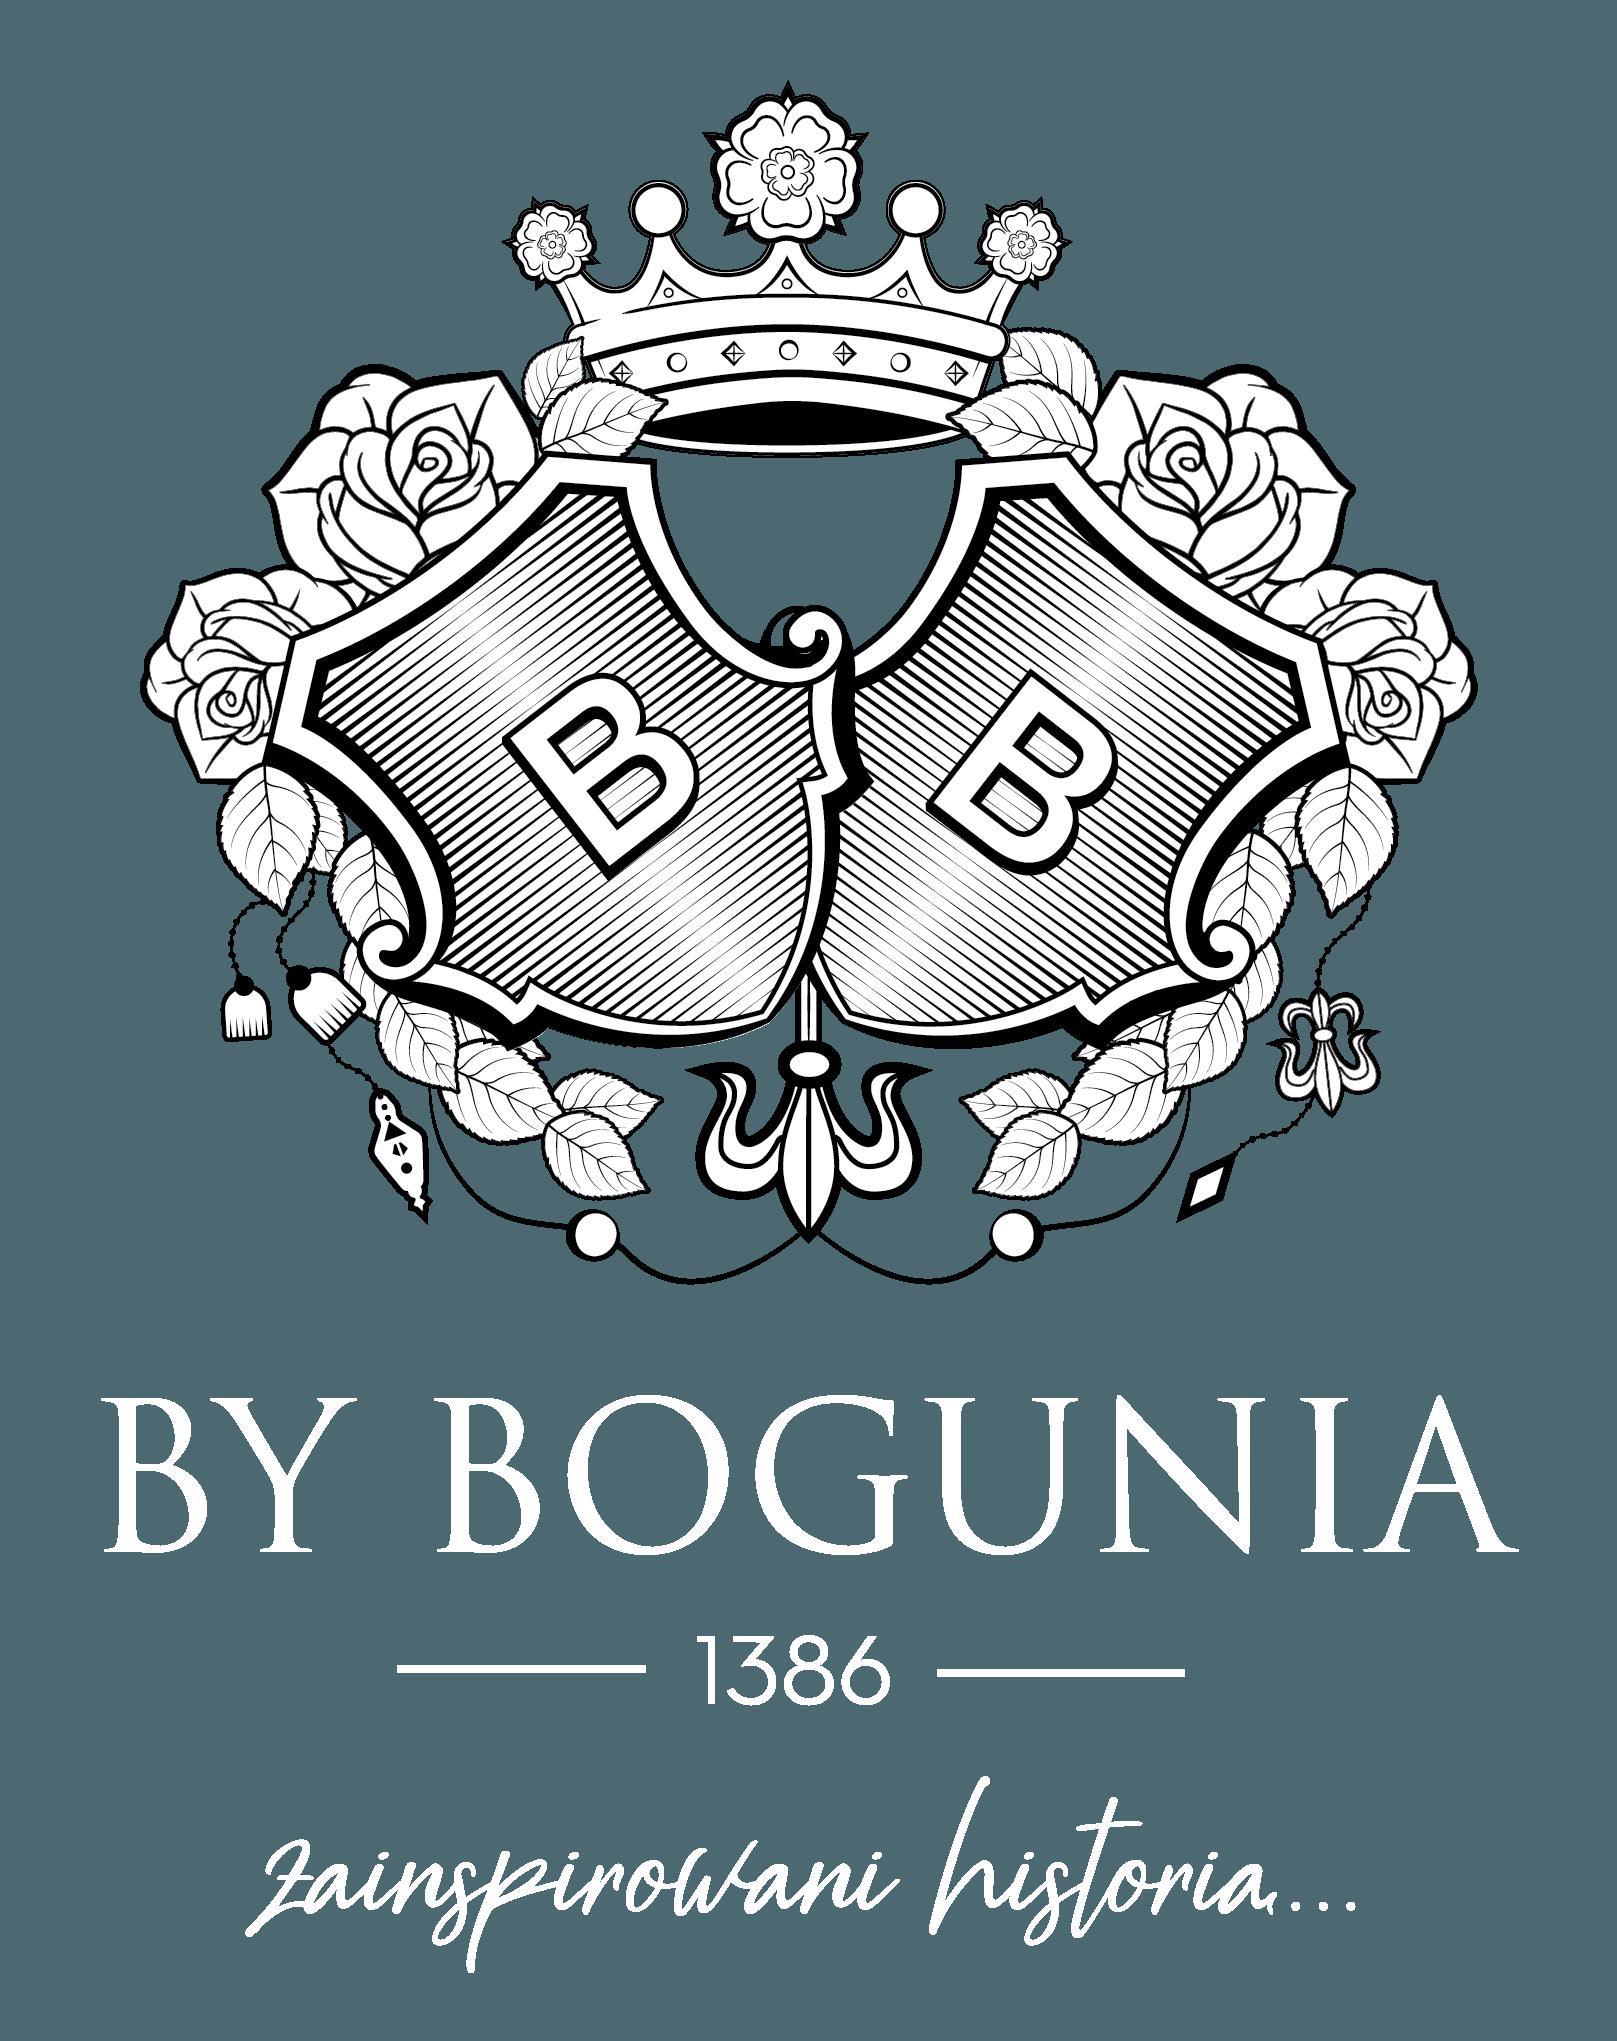 ByBogunia